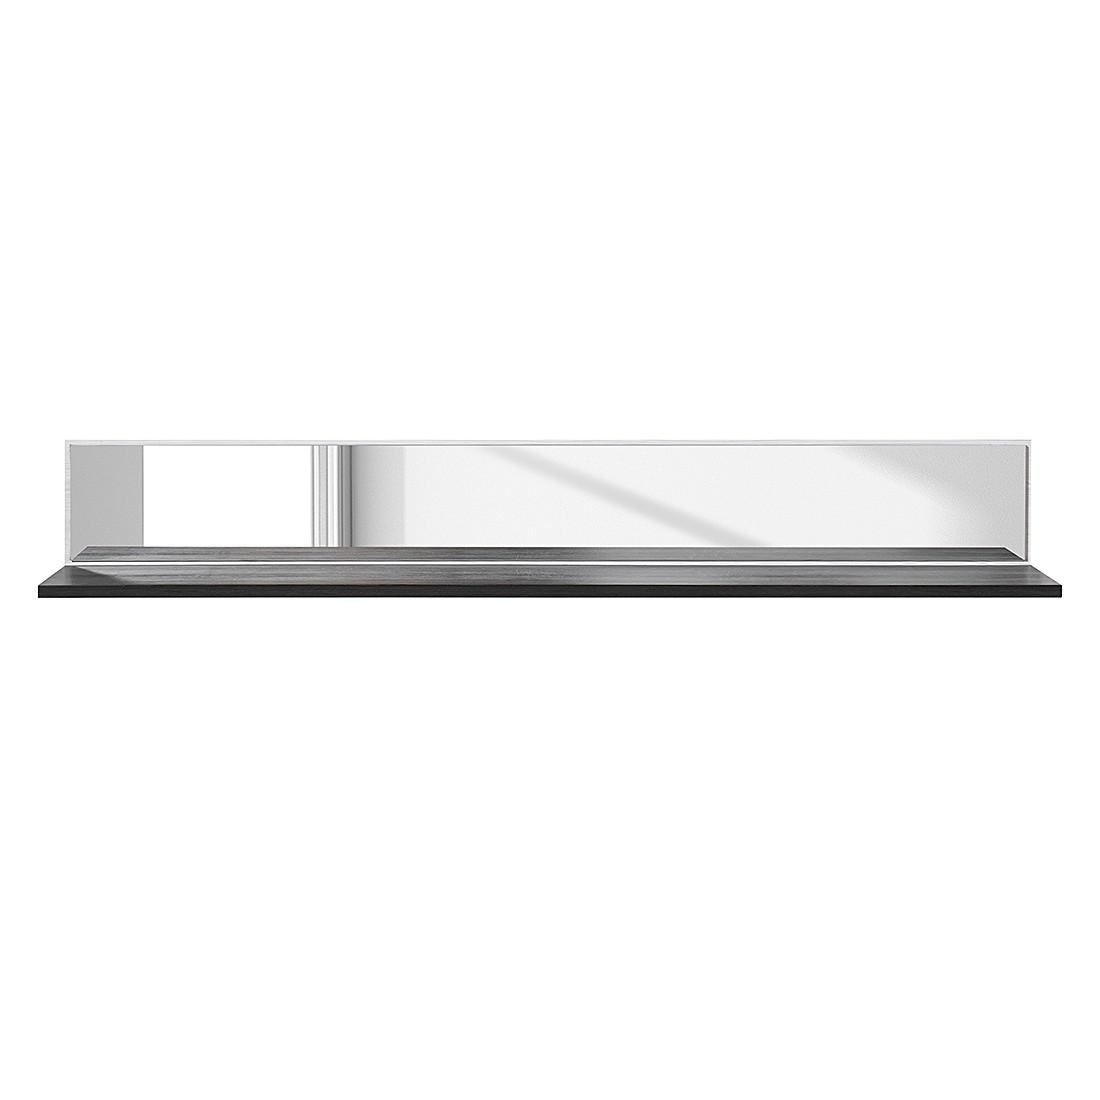 Wandboard Dodge (mit Spiegel) – Lärche Dekor, Maison Belfort bestellen